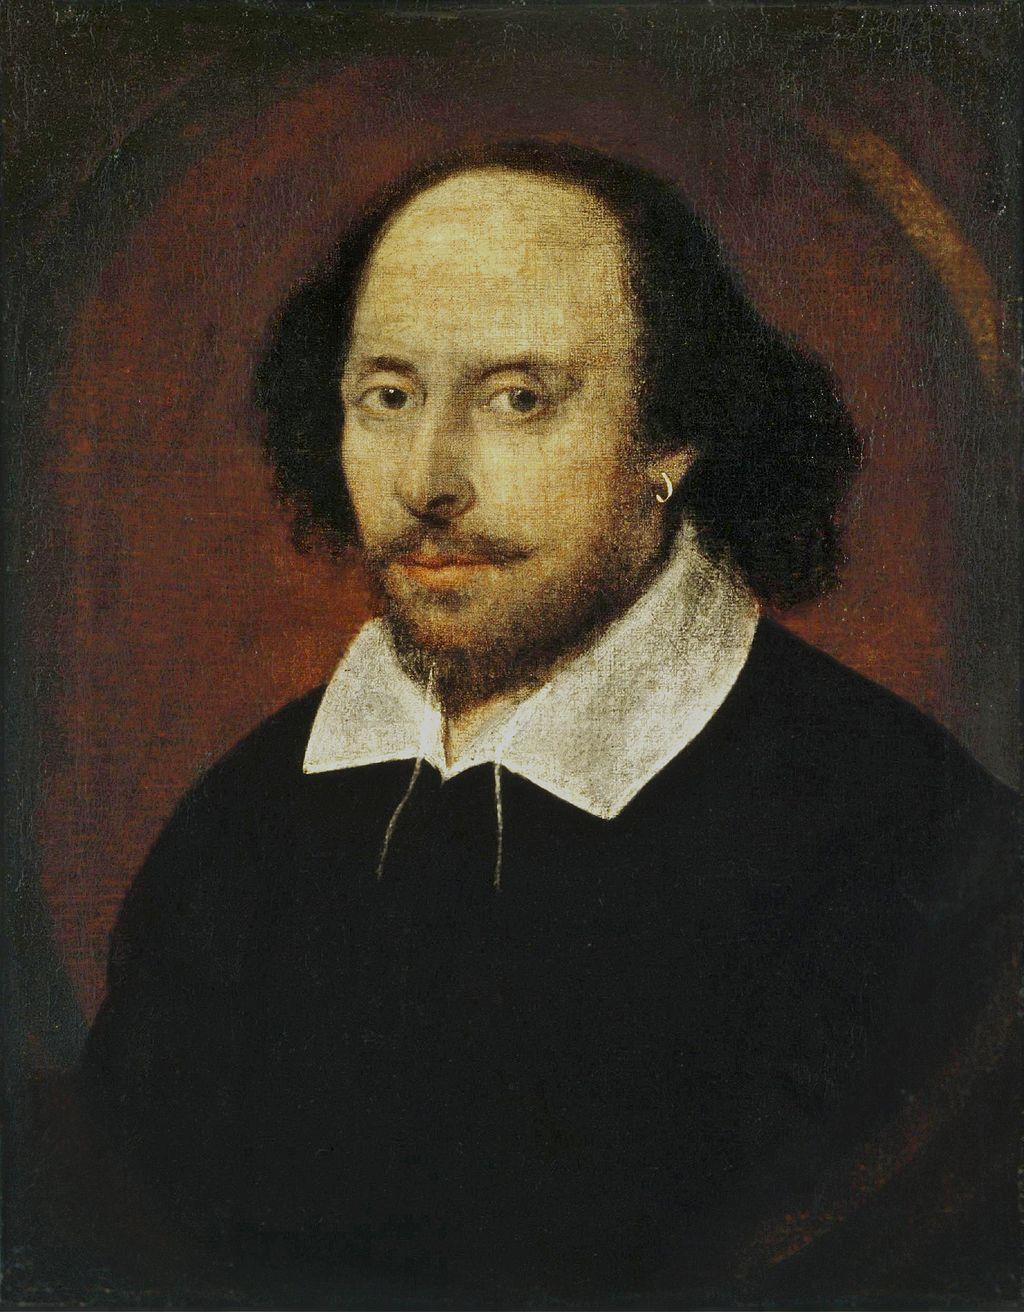 William Shakespeare. Credit: Public Domain